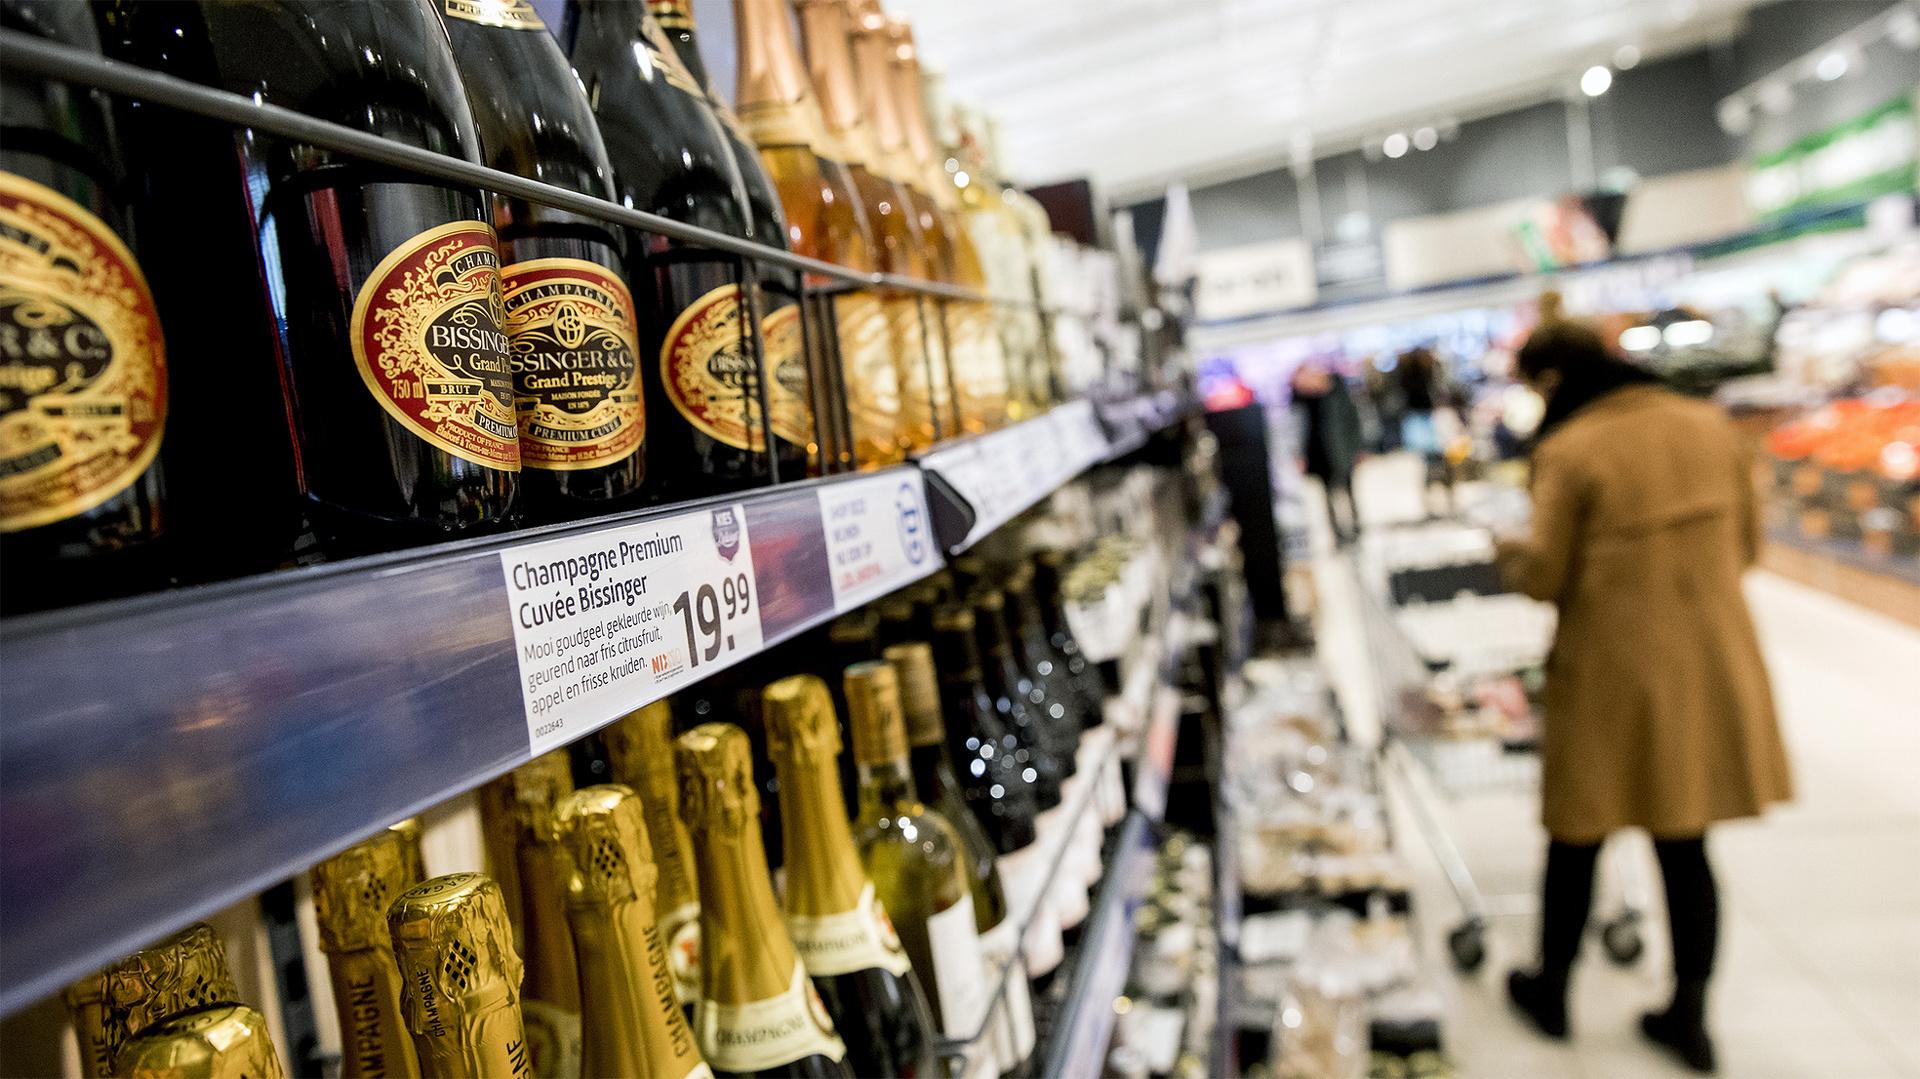 Overzicht openingstijden supermarkten nieuwjaarsdag 1 januari 2018 - Dirk Vd Broek Apeldoorn Openingstijden